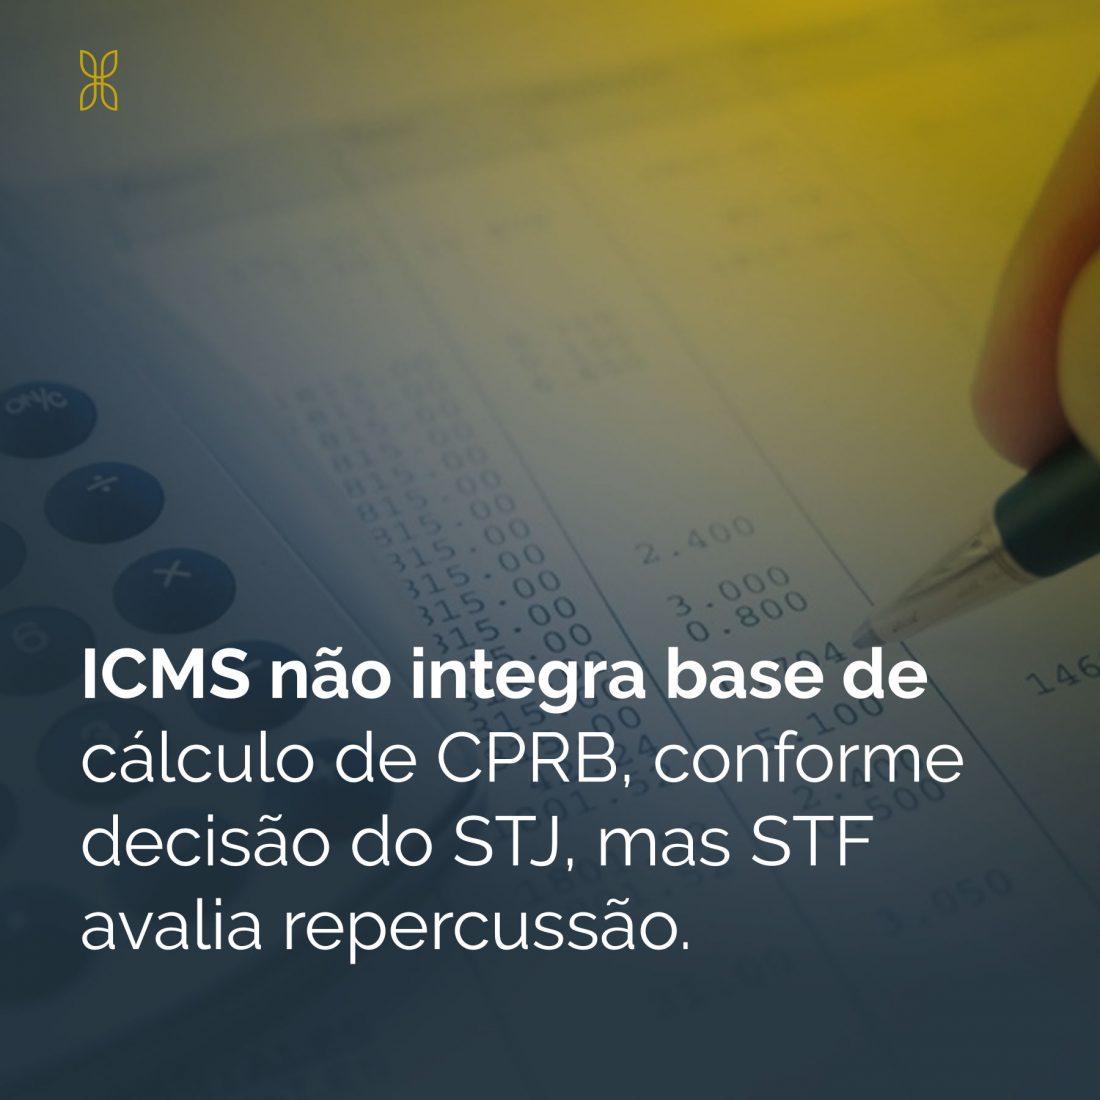 icms não integra base de cálculo da CPRB